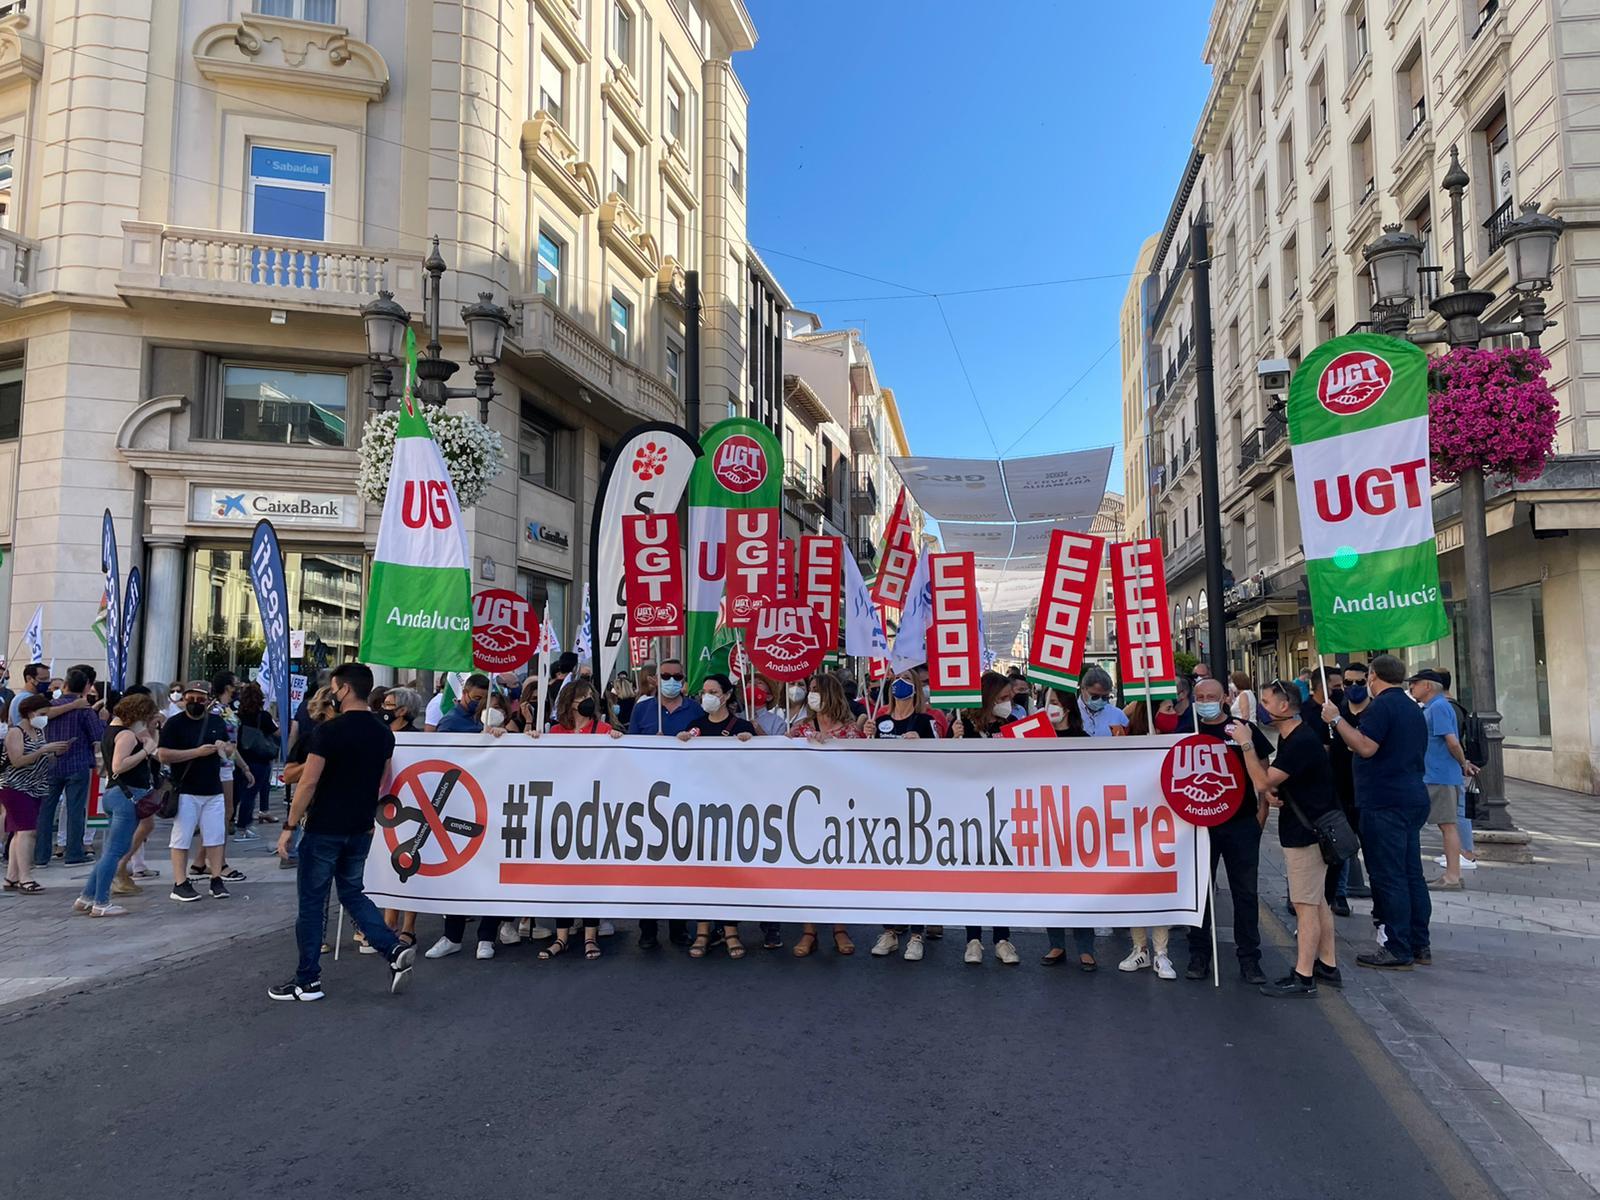 Segunda jornada de huelga en CaixaBank, ante la negativa del banco a eliminar los despidos forzosos